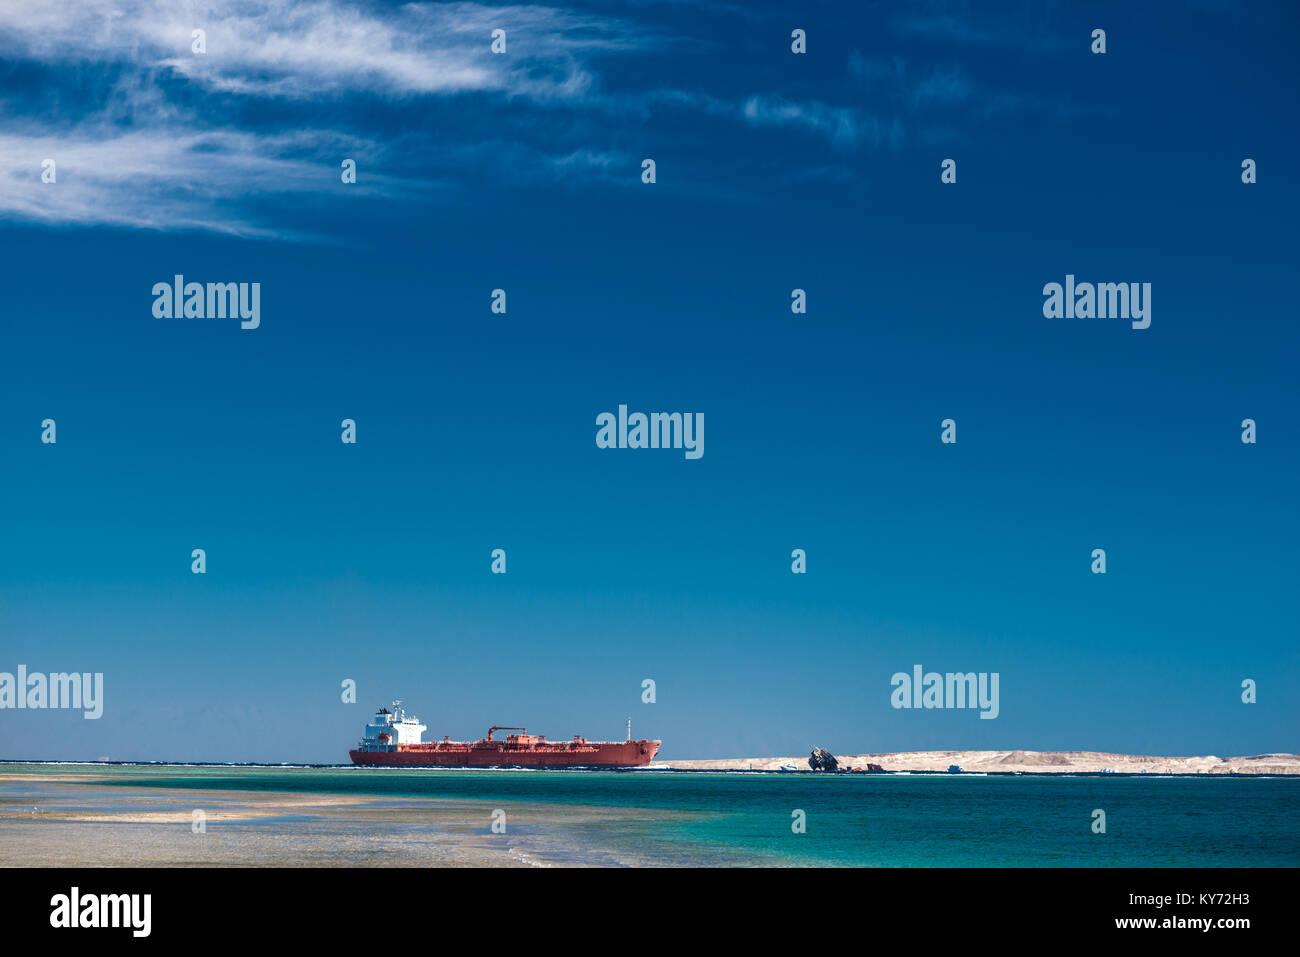 Red cargo Schiff im Roten Meer Stockbild